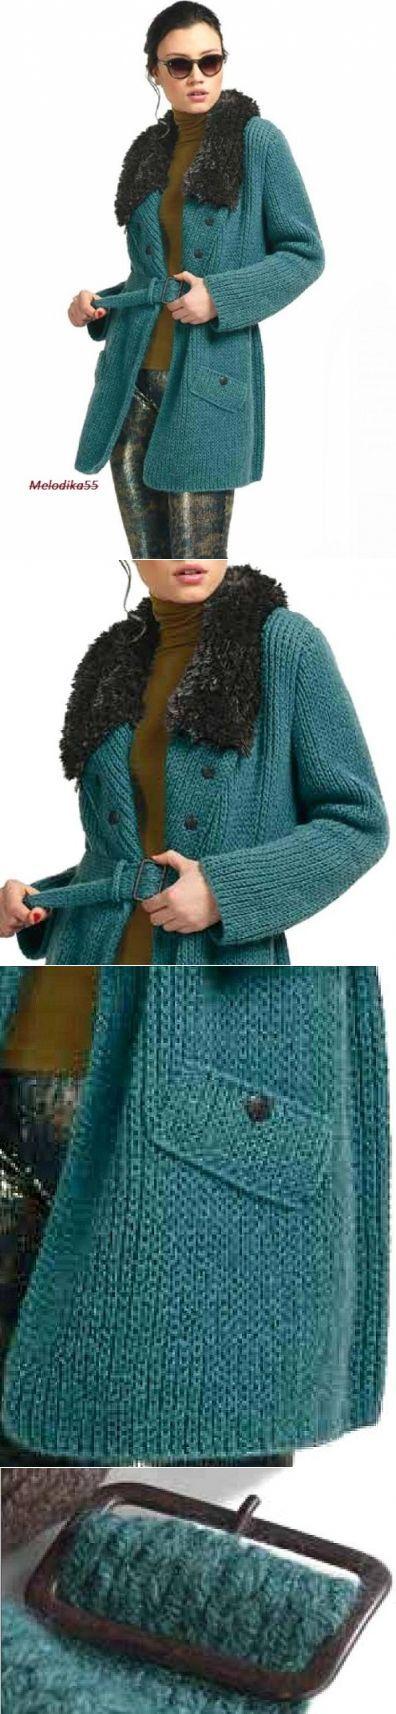 Пальто. | Вязание: Для женщин | Постила